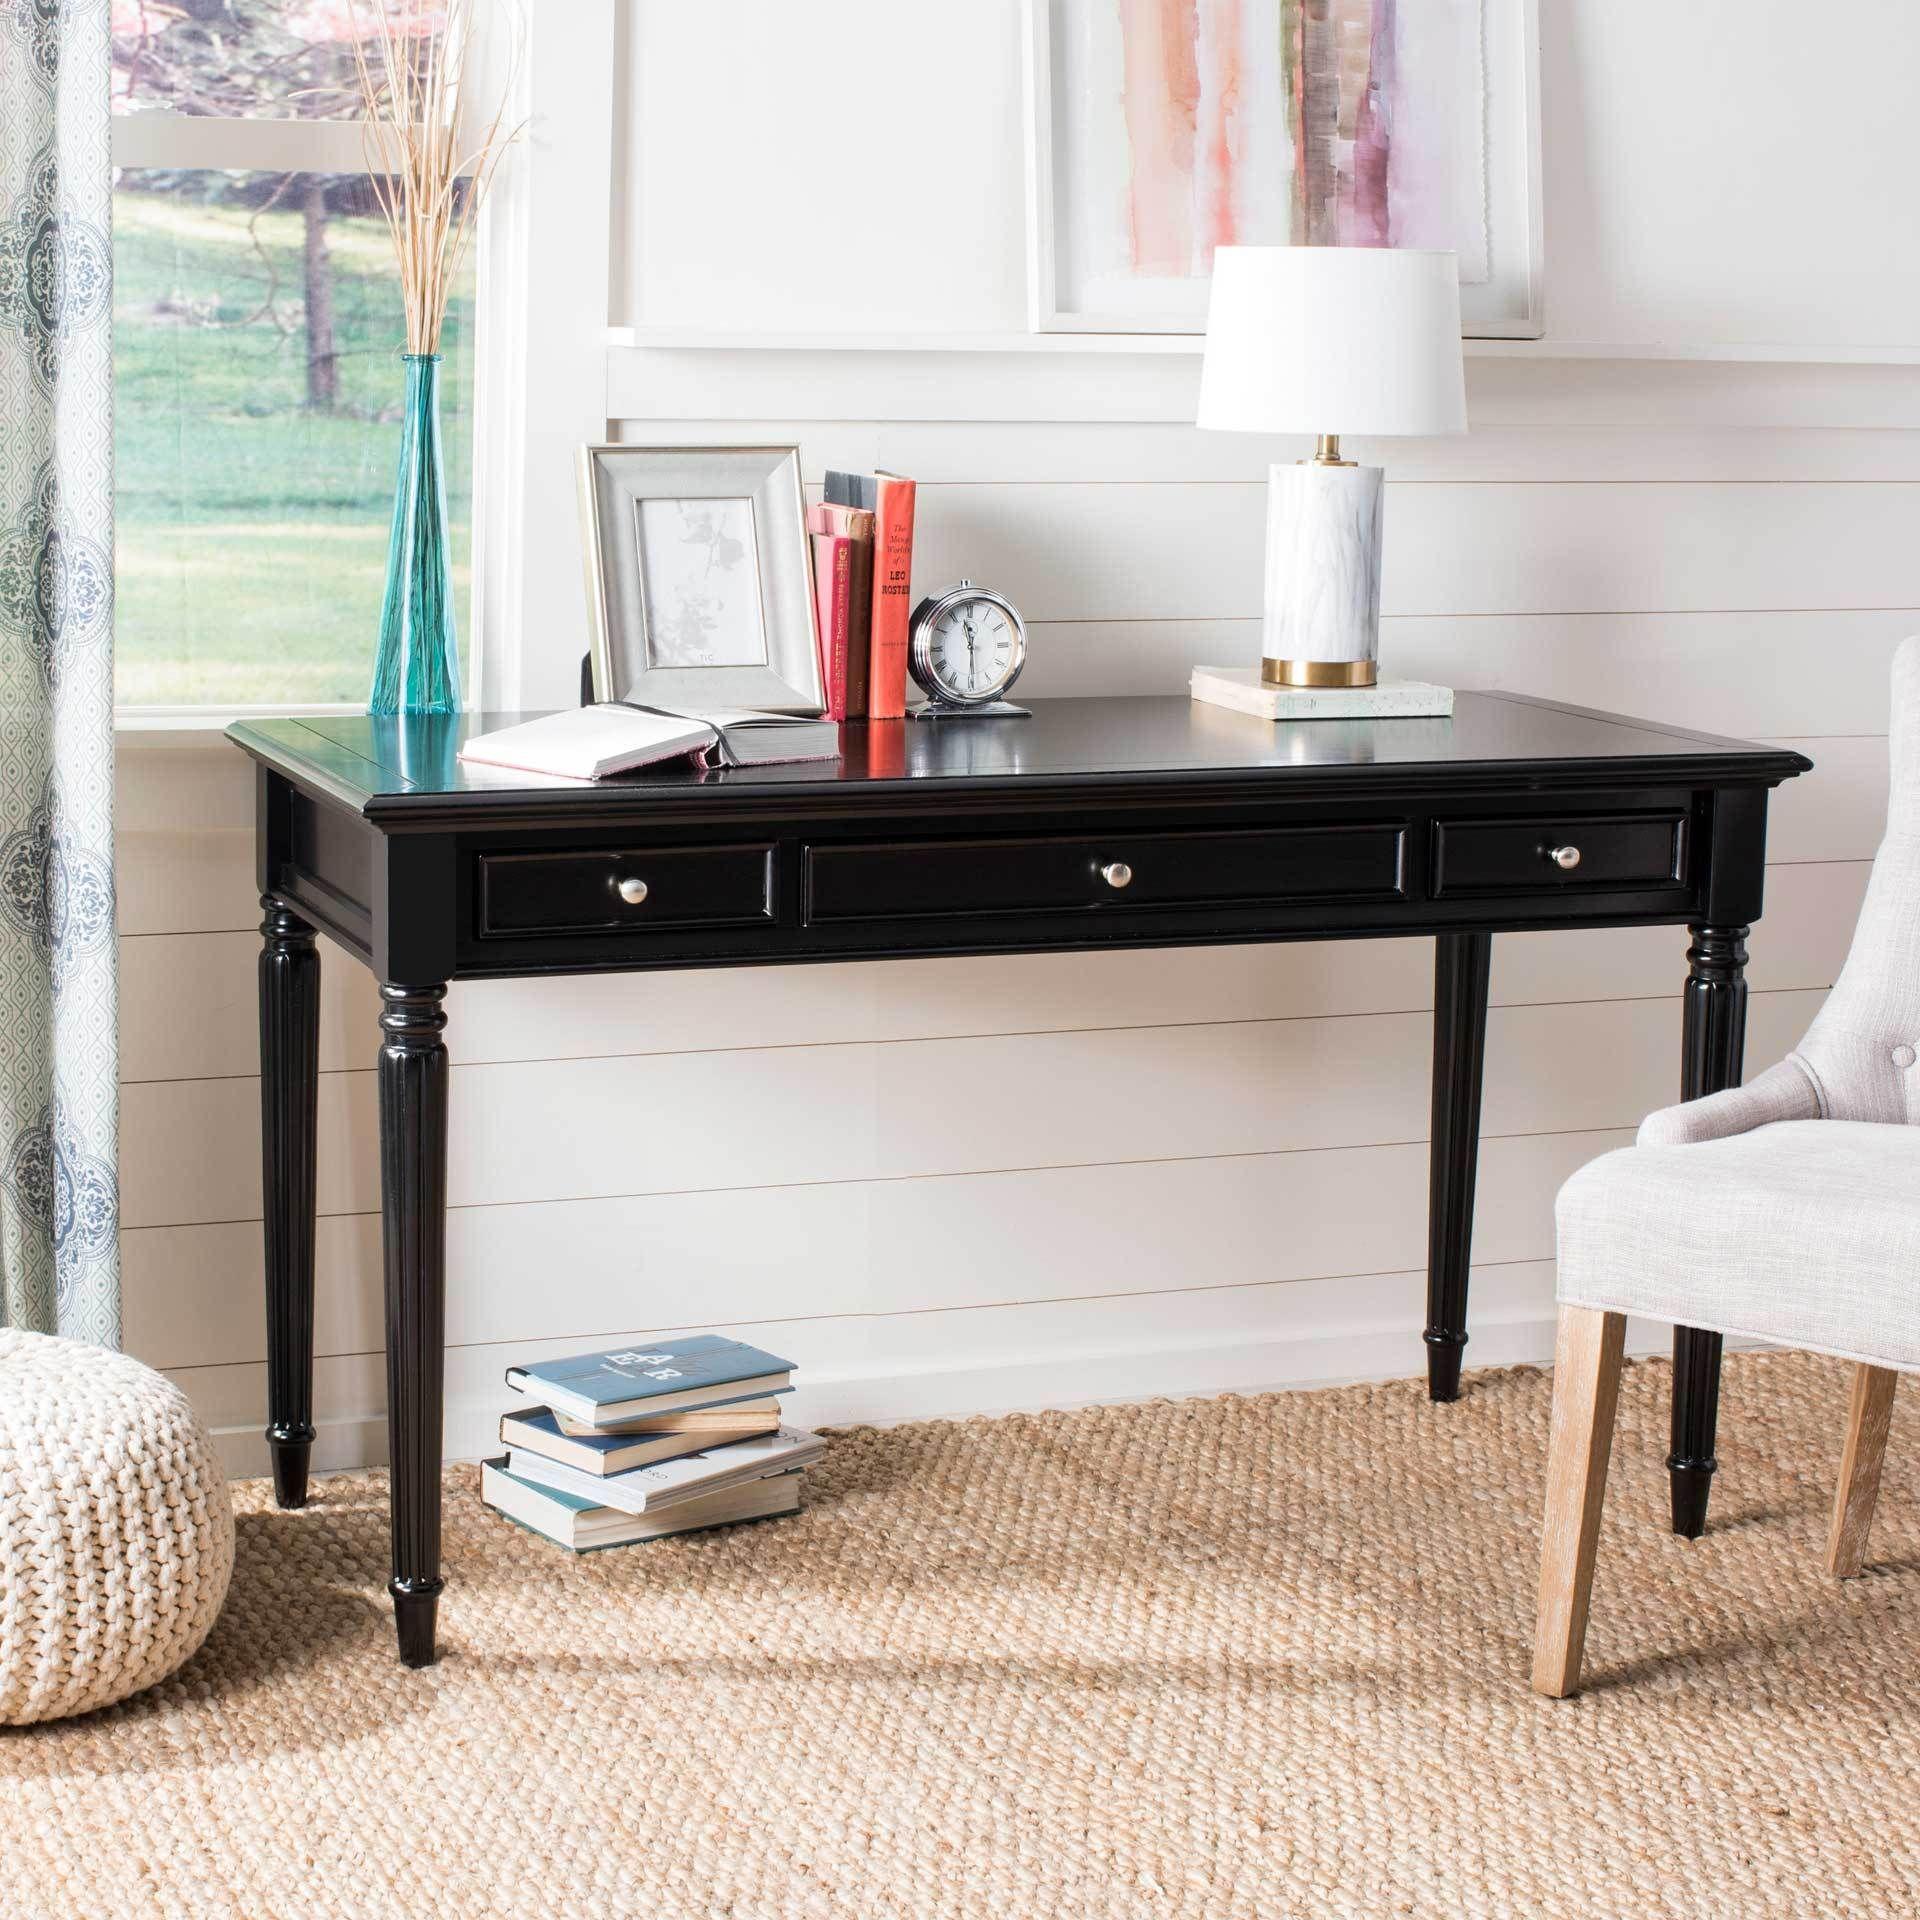 Cohen 3 Drawer Desk Black In 2021 Black Writing Desk Desk With Drawers Black Desk